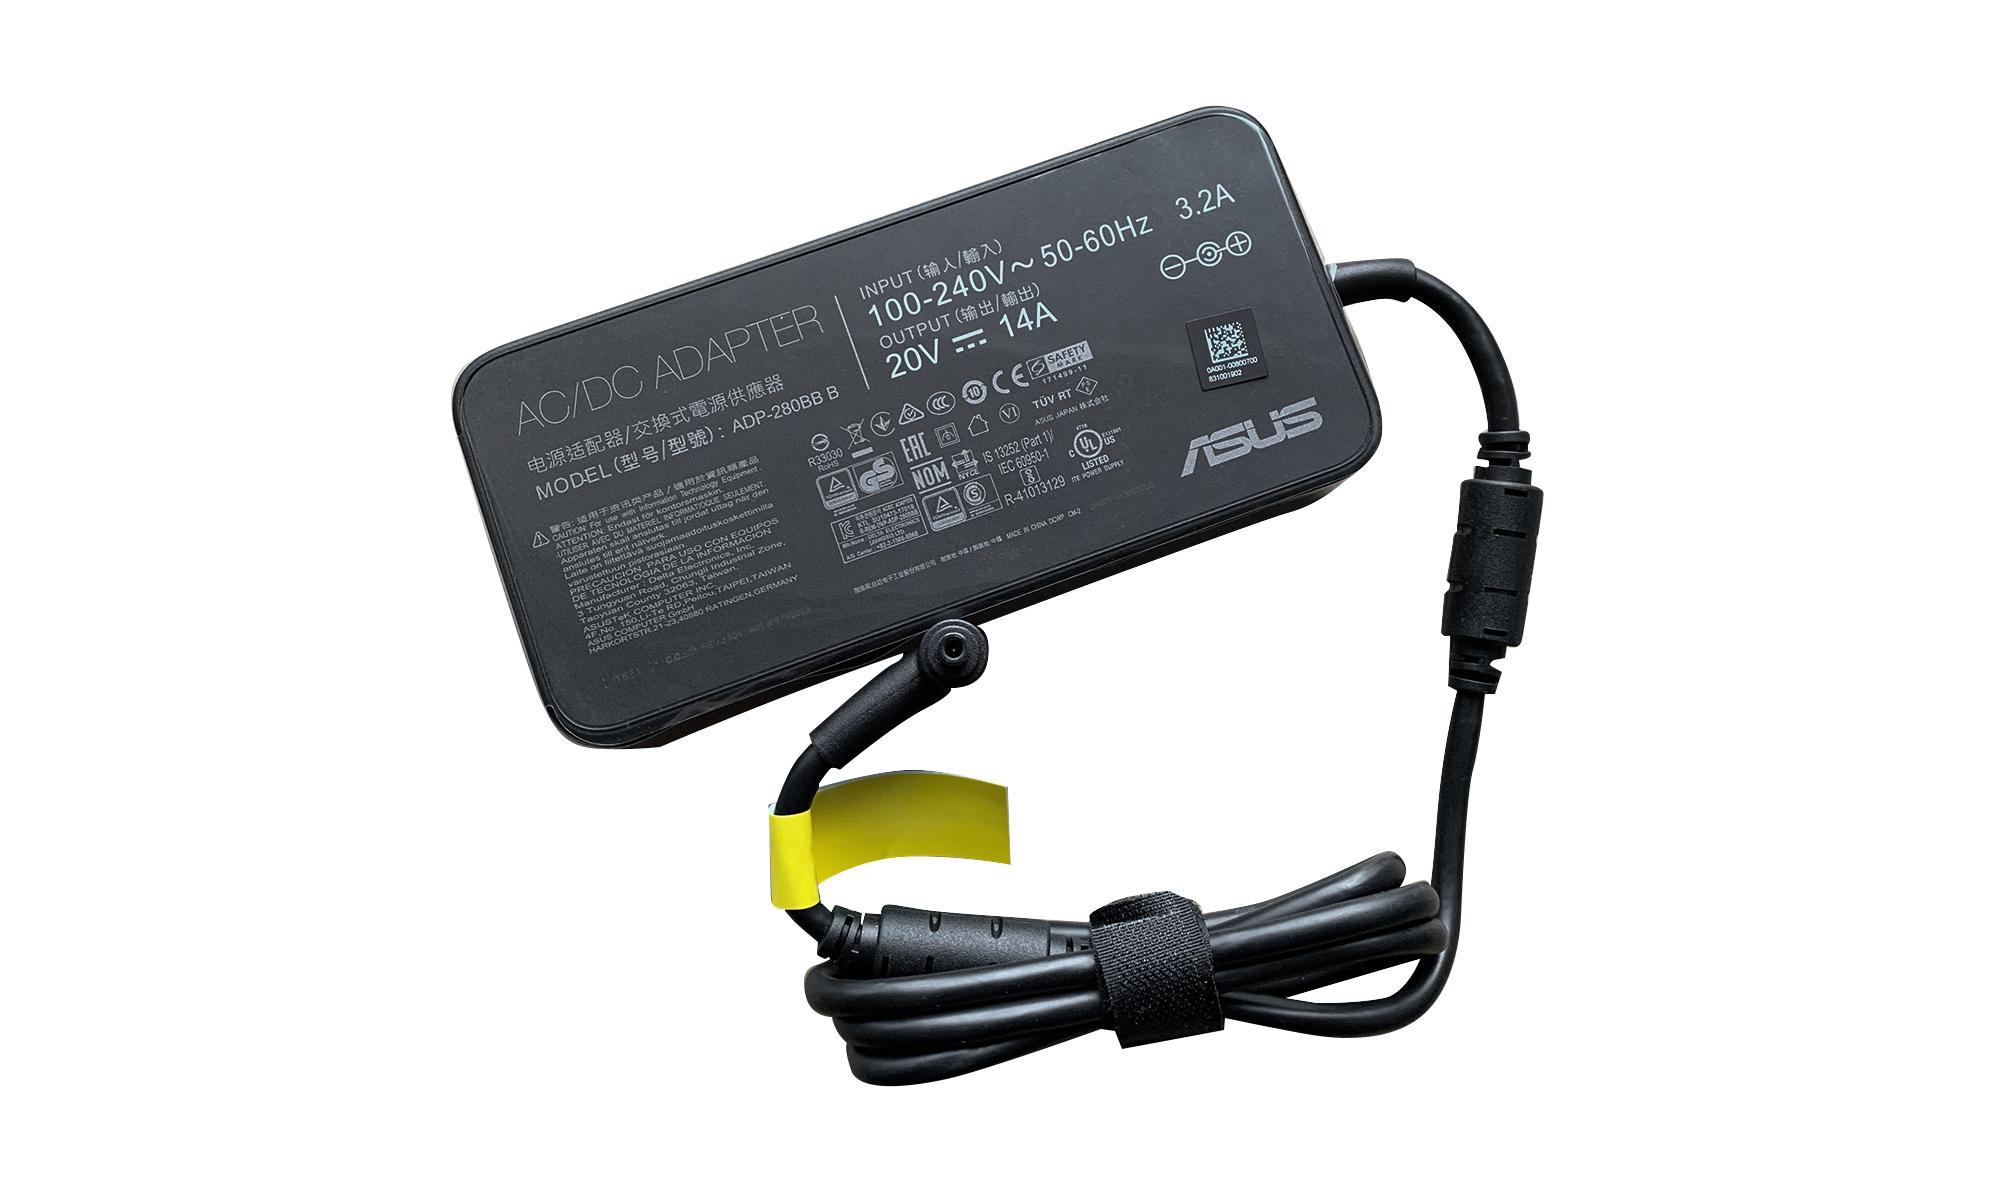 Incarcator original Asus 0A001-00800700, 280W, 20V, 14A